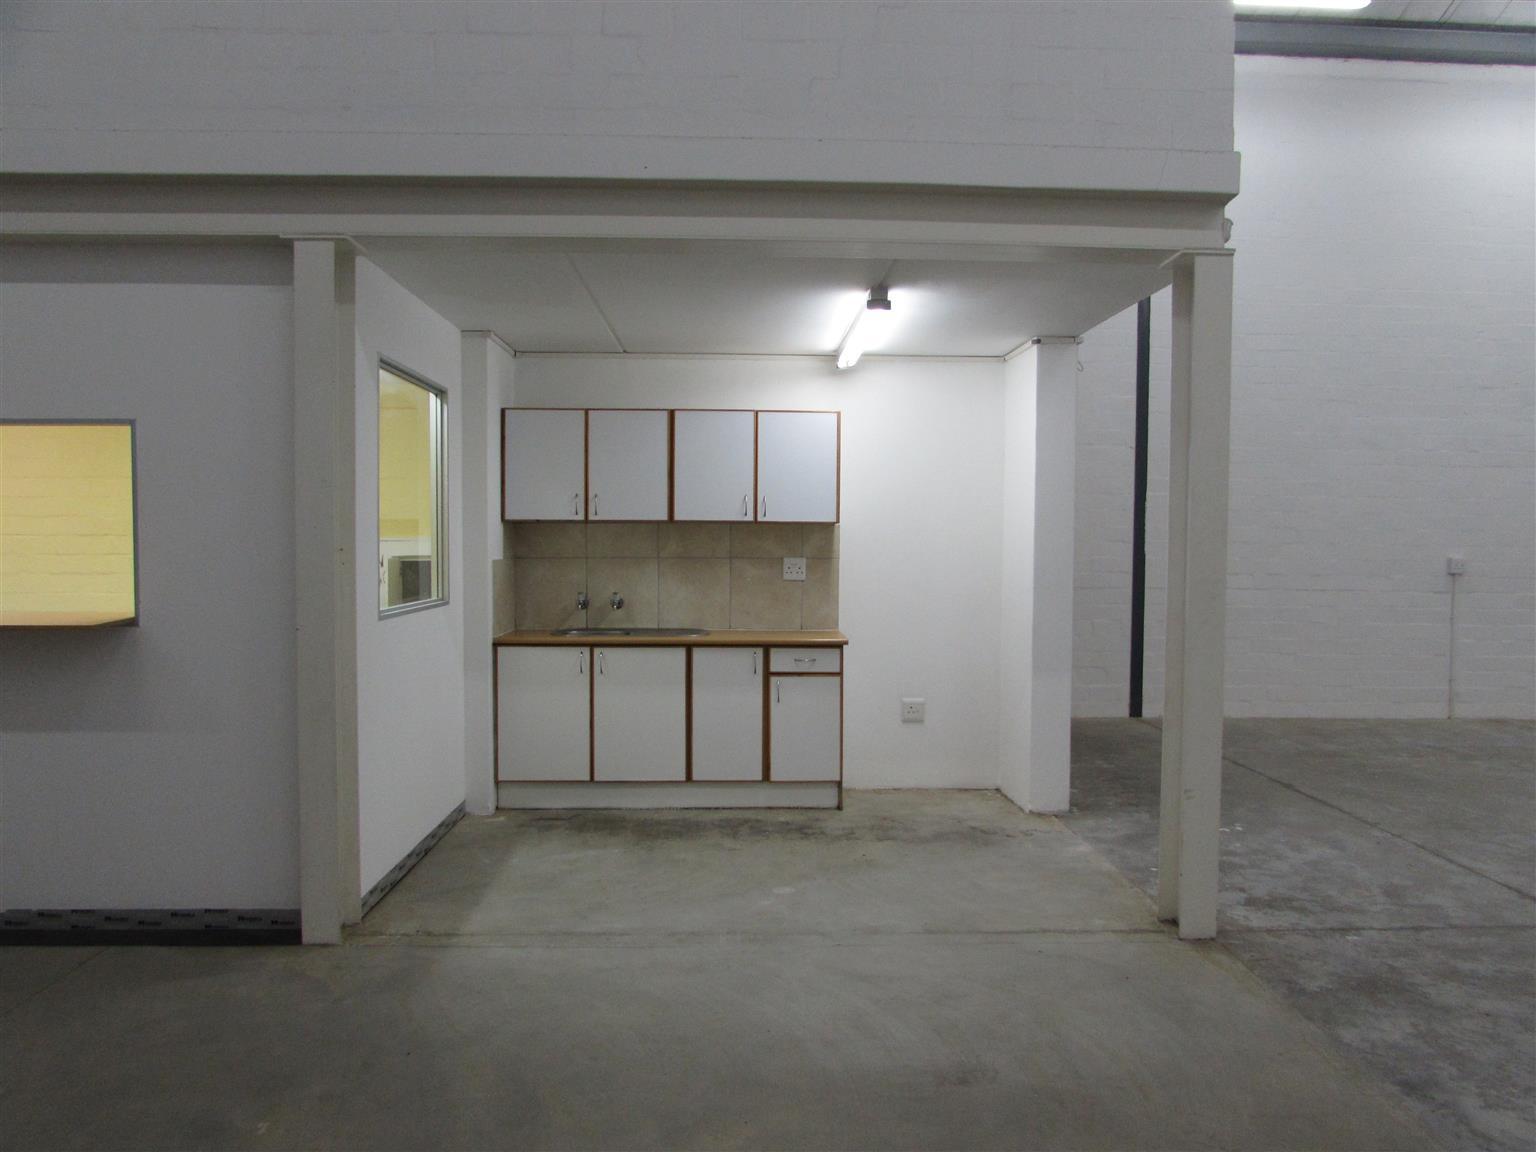 MILNERTON: 248m2 Warehouse To Let